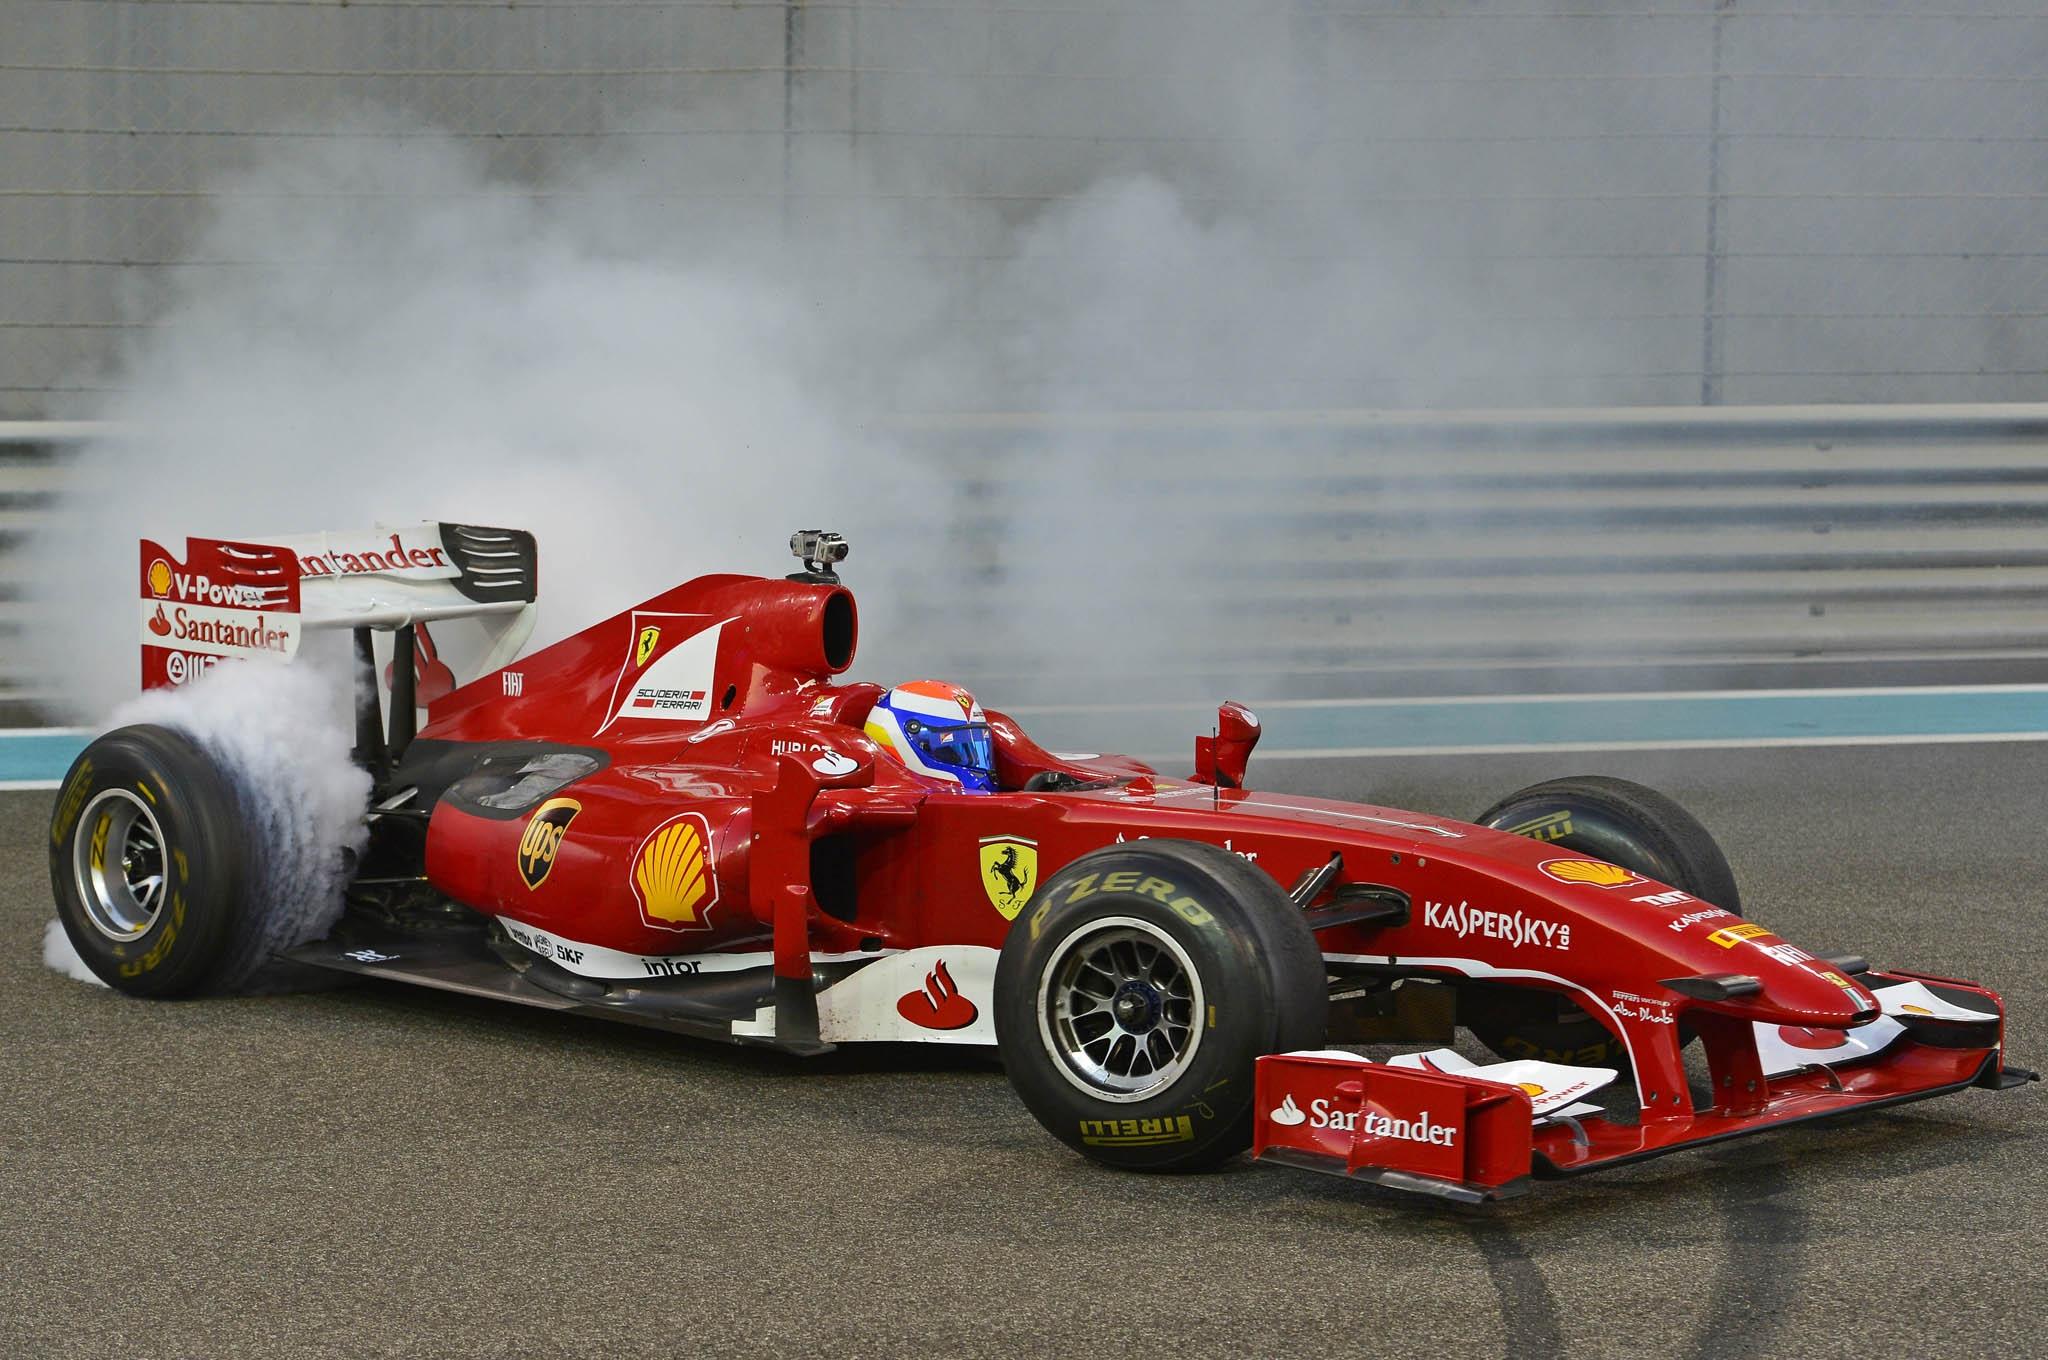 ferrari f1 sports car